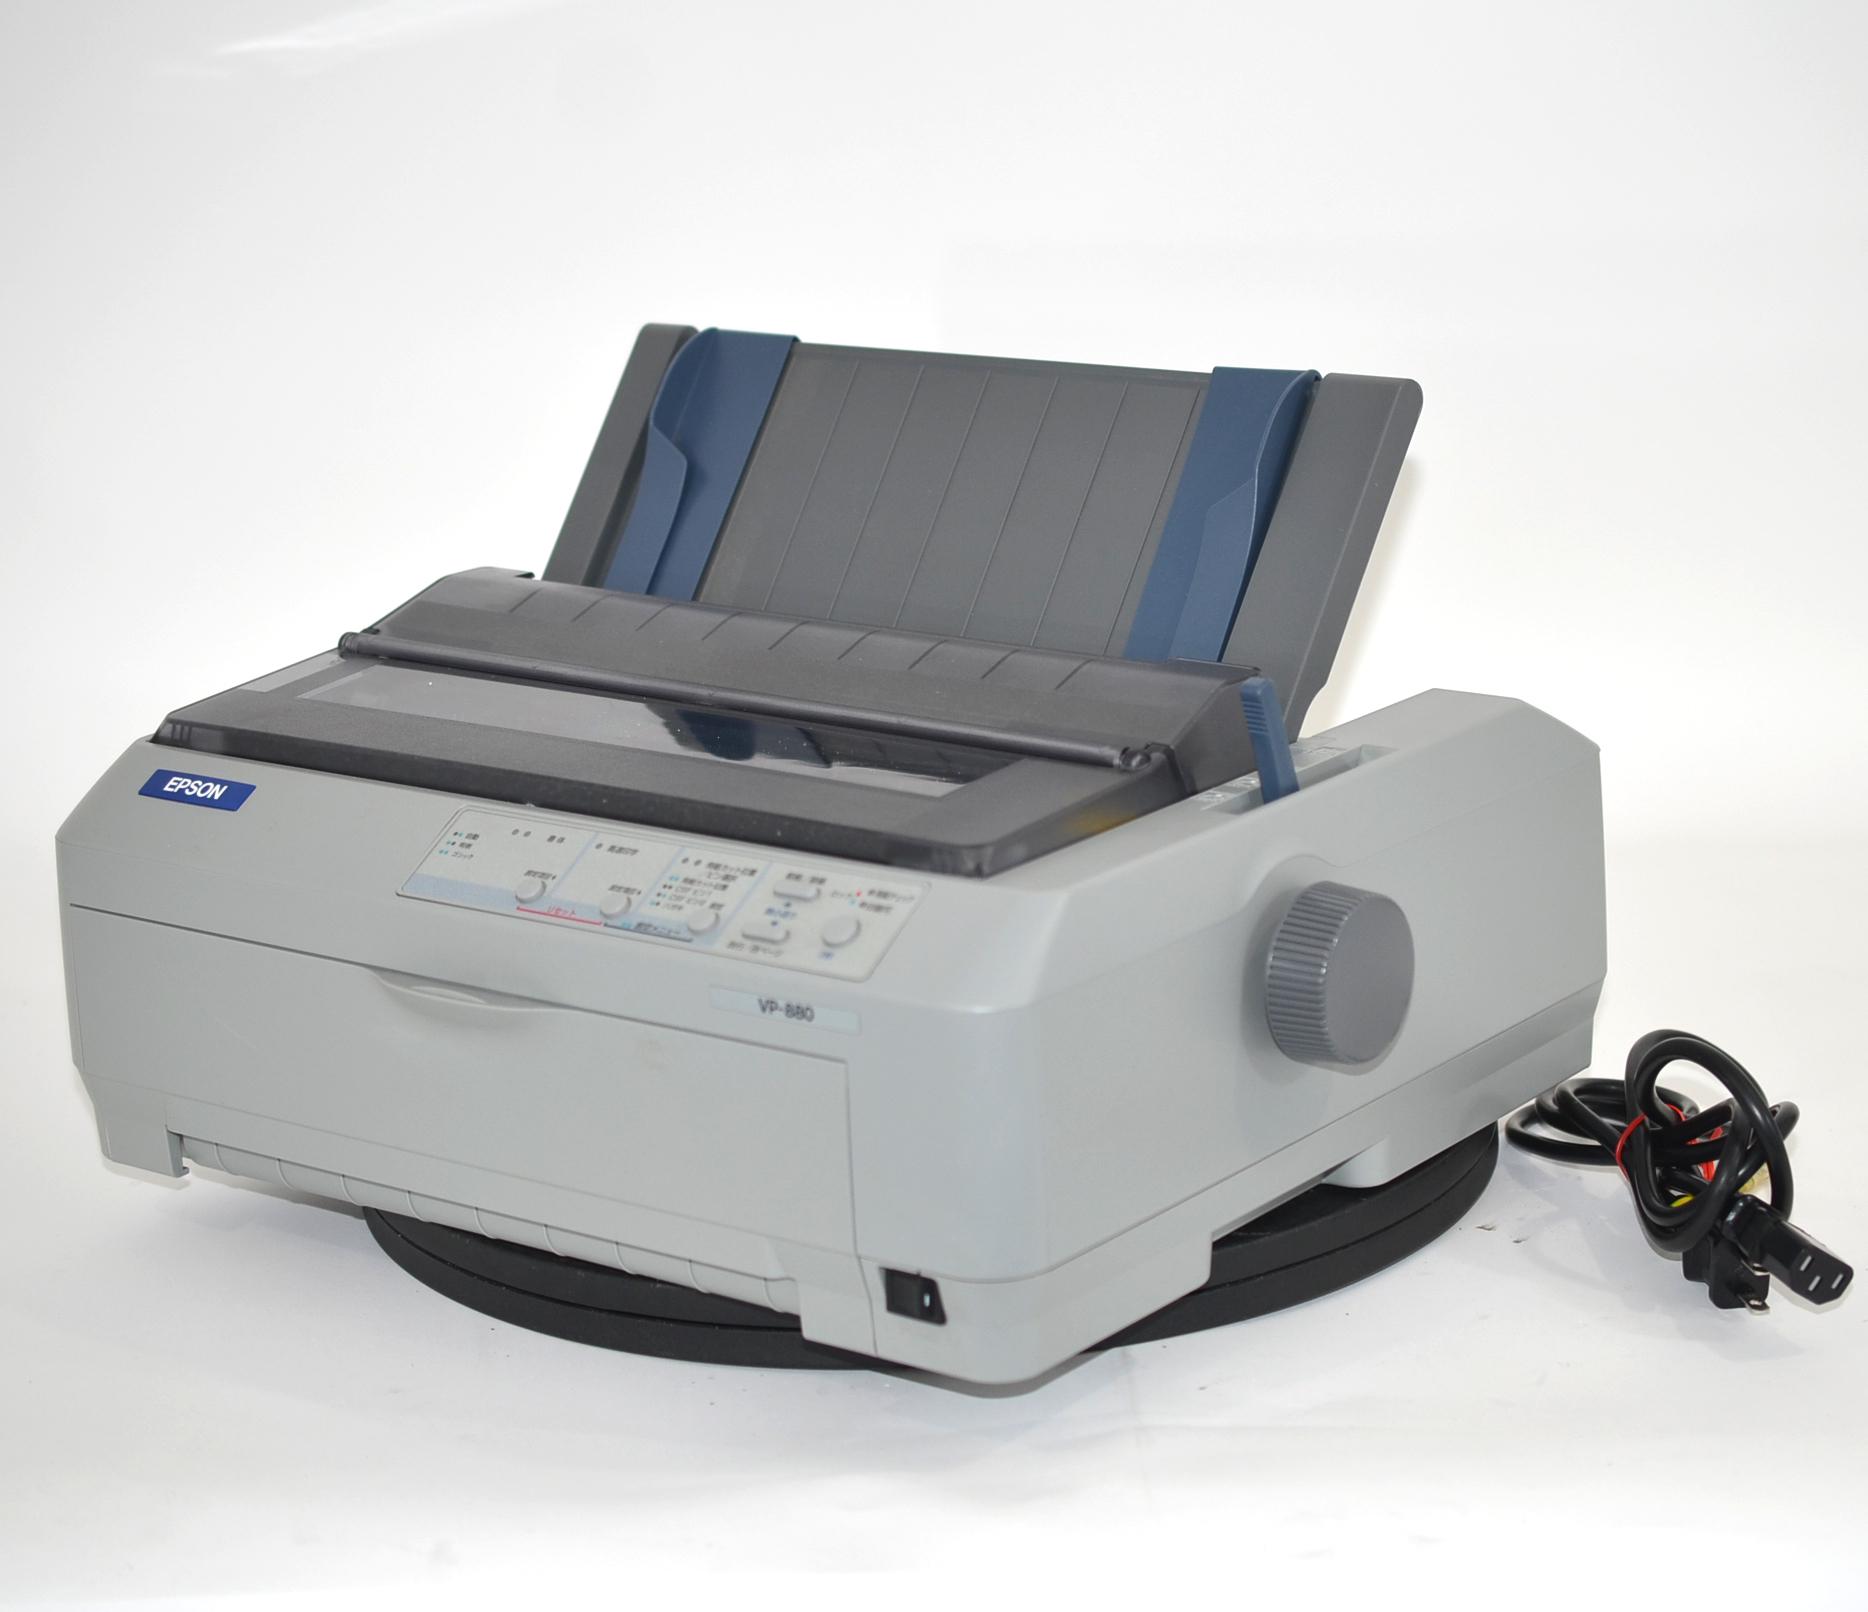 【中古】EPSON ドットプリンター VP-880 伝票 複写 ラウンド型 省スペース USB対応